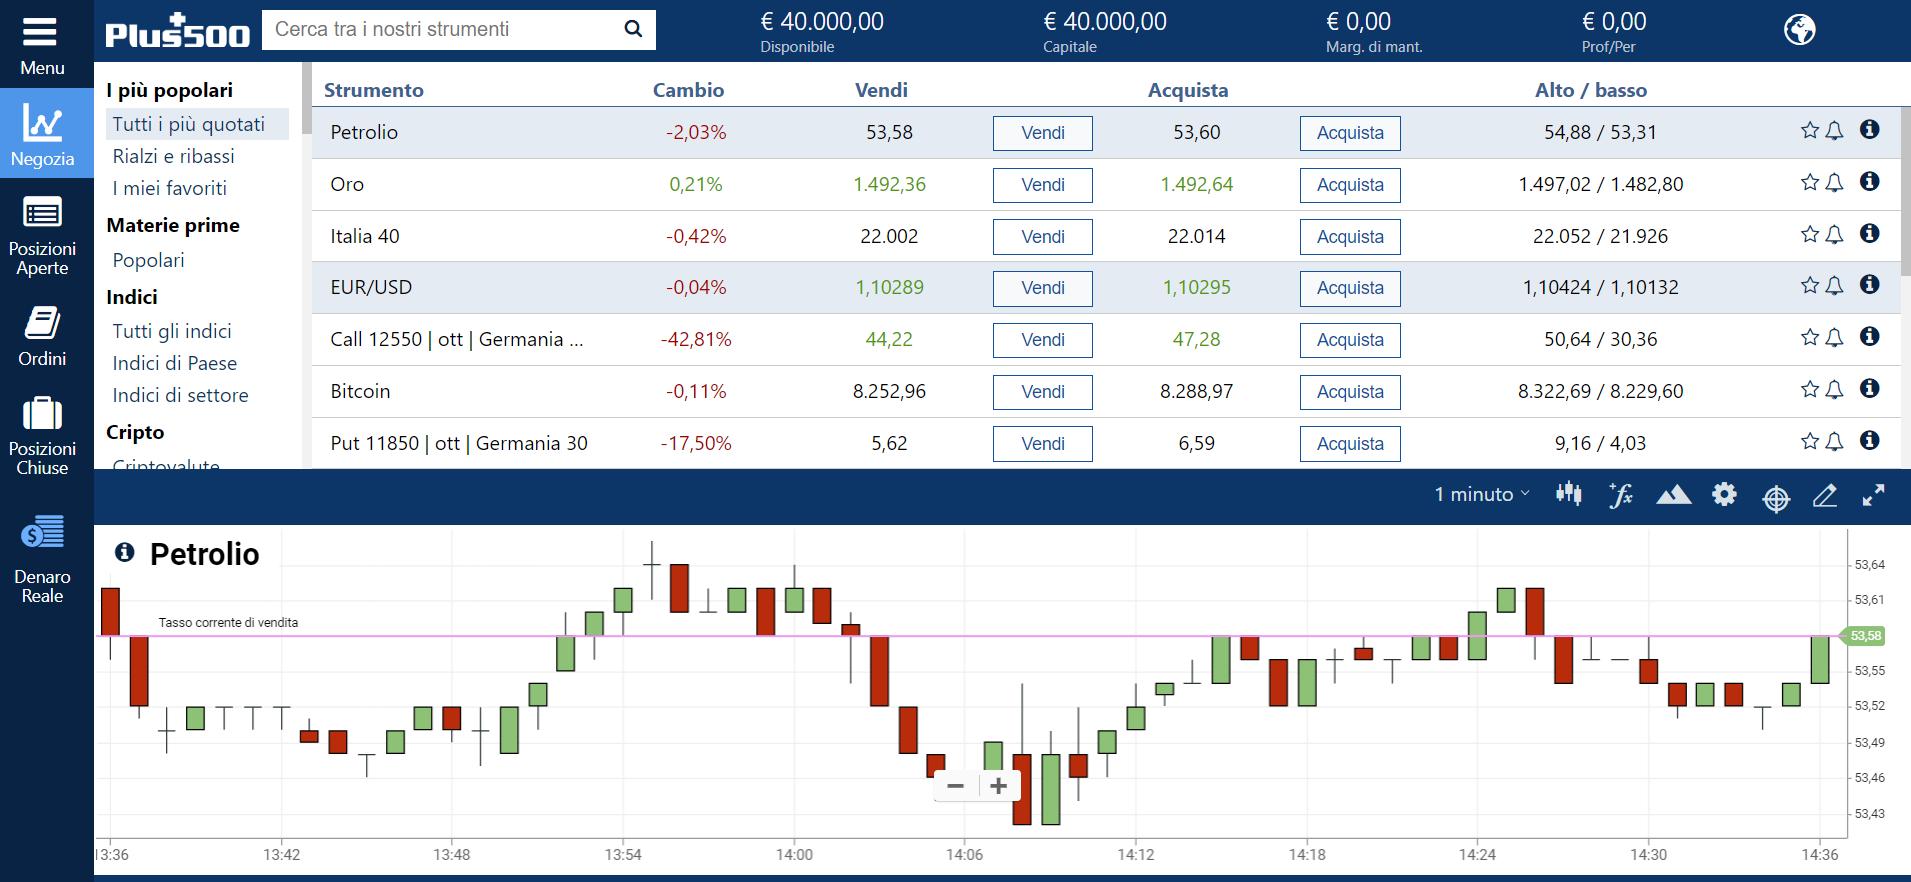 La piattaforma di trading Plus500, broker CFD